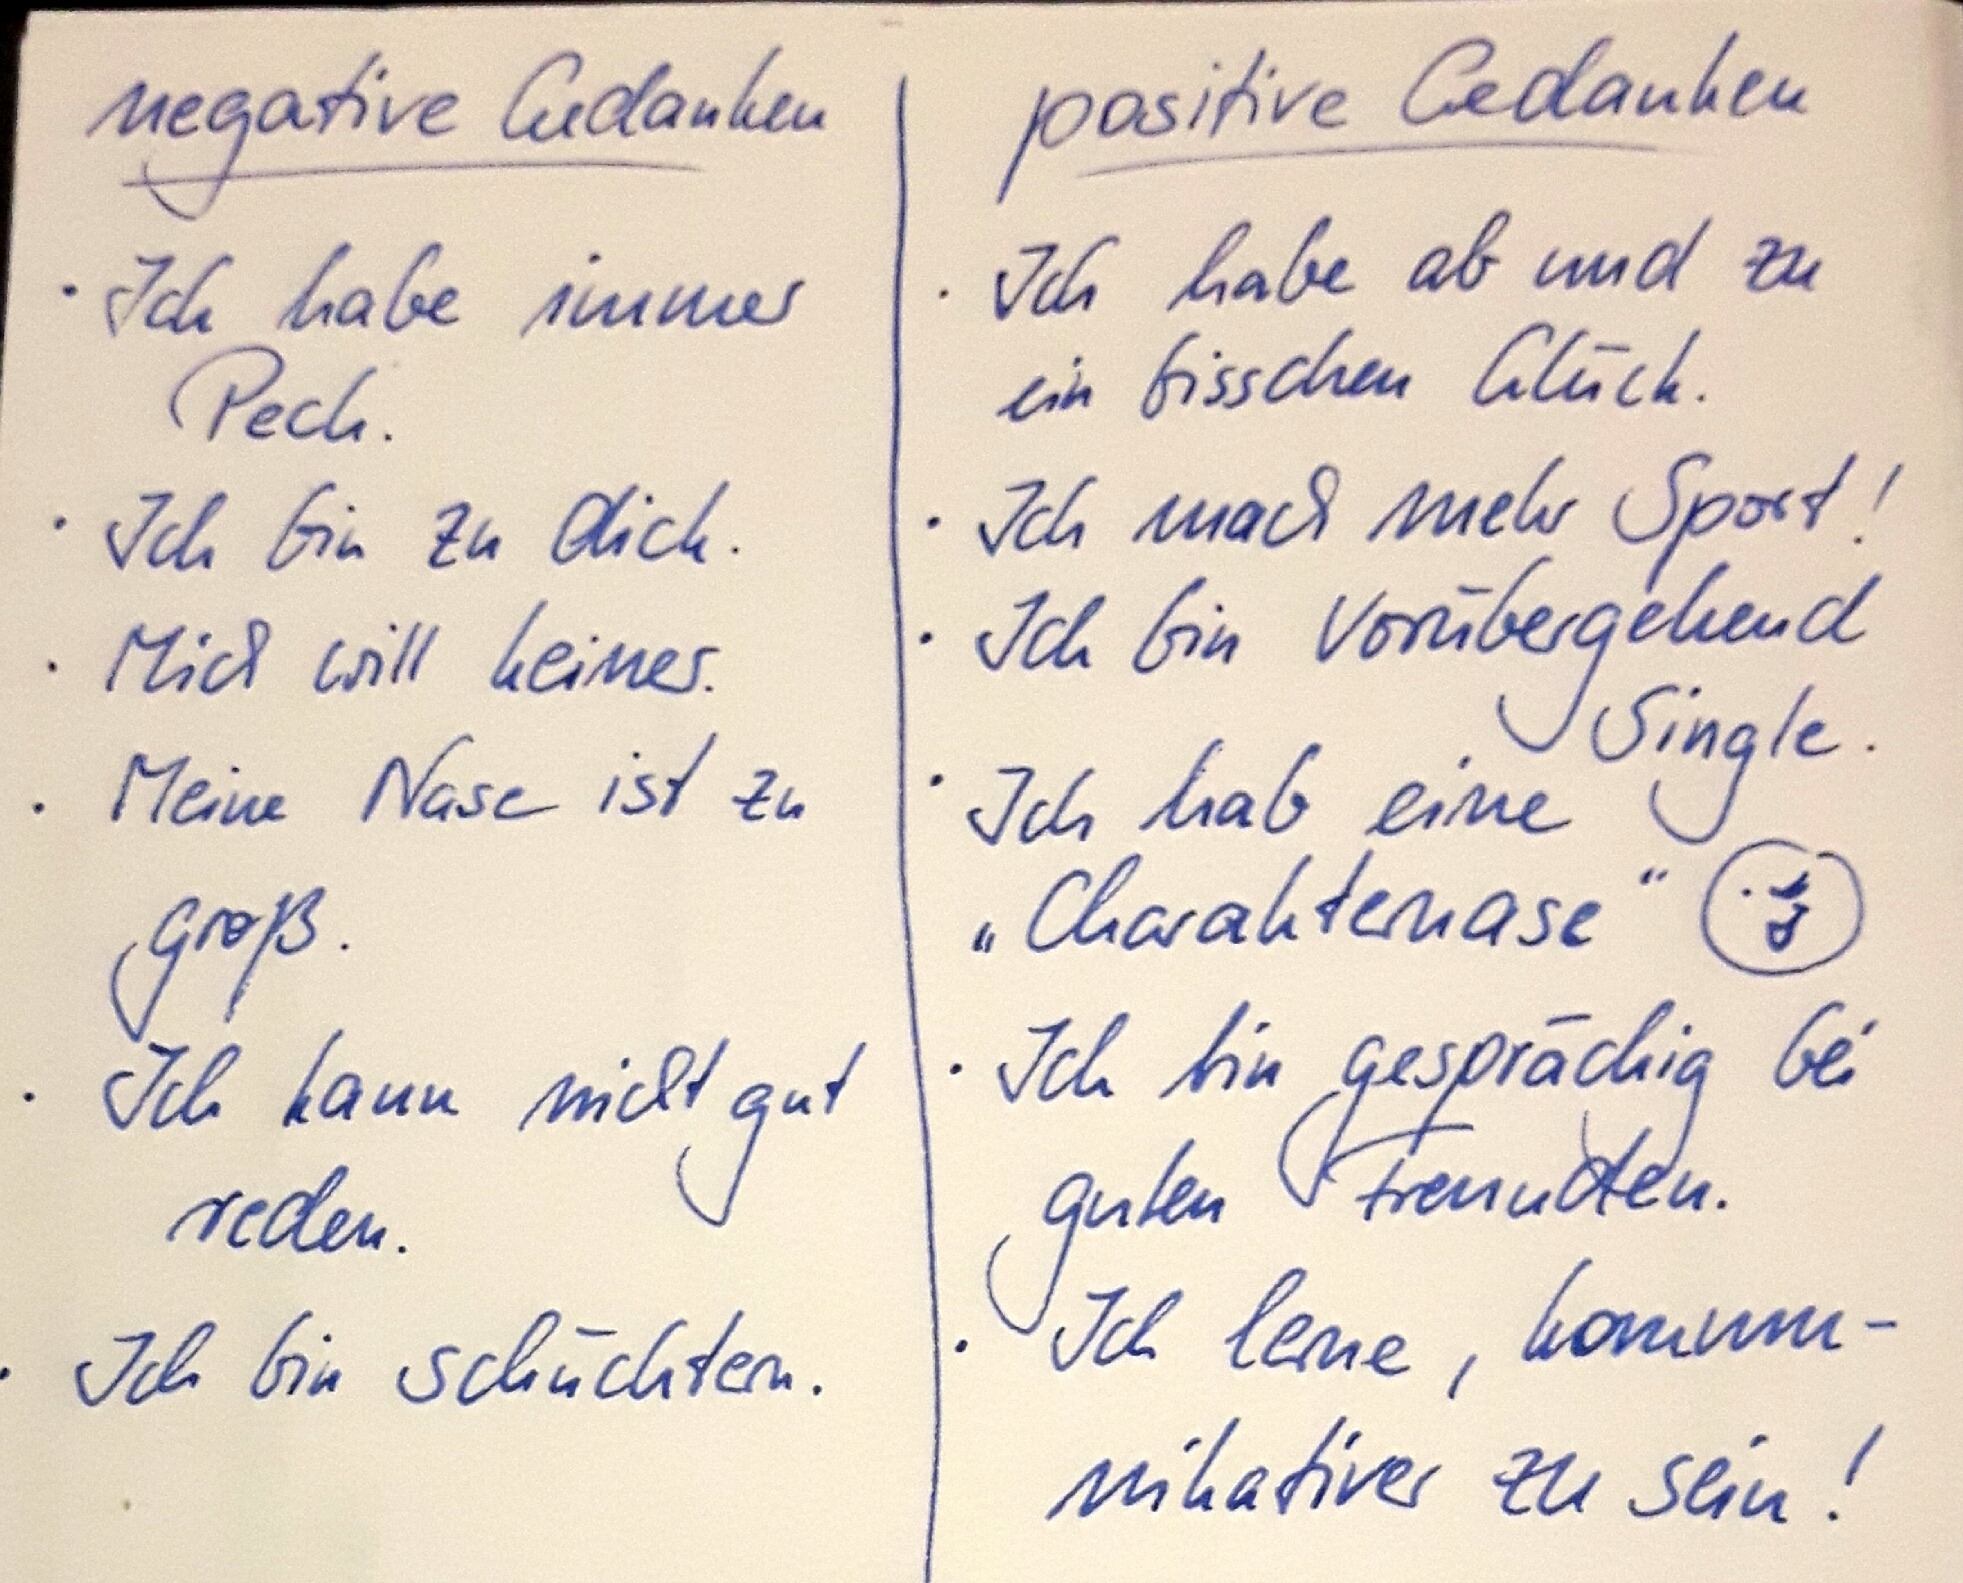 Beispiel-Liste negative und positive Gedanken